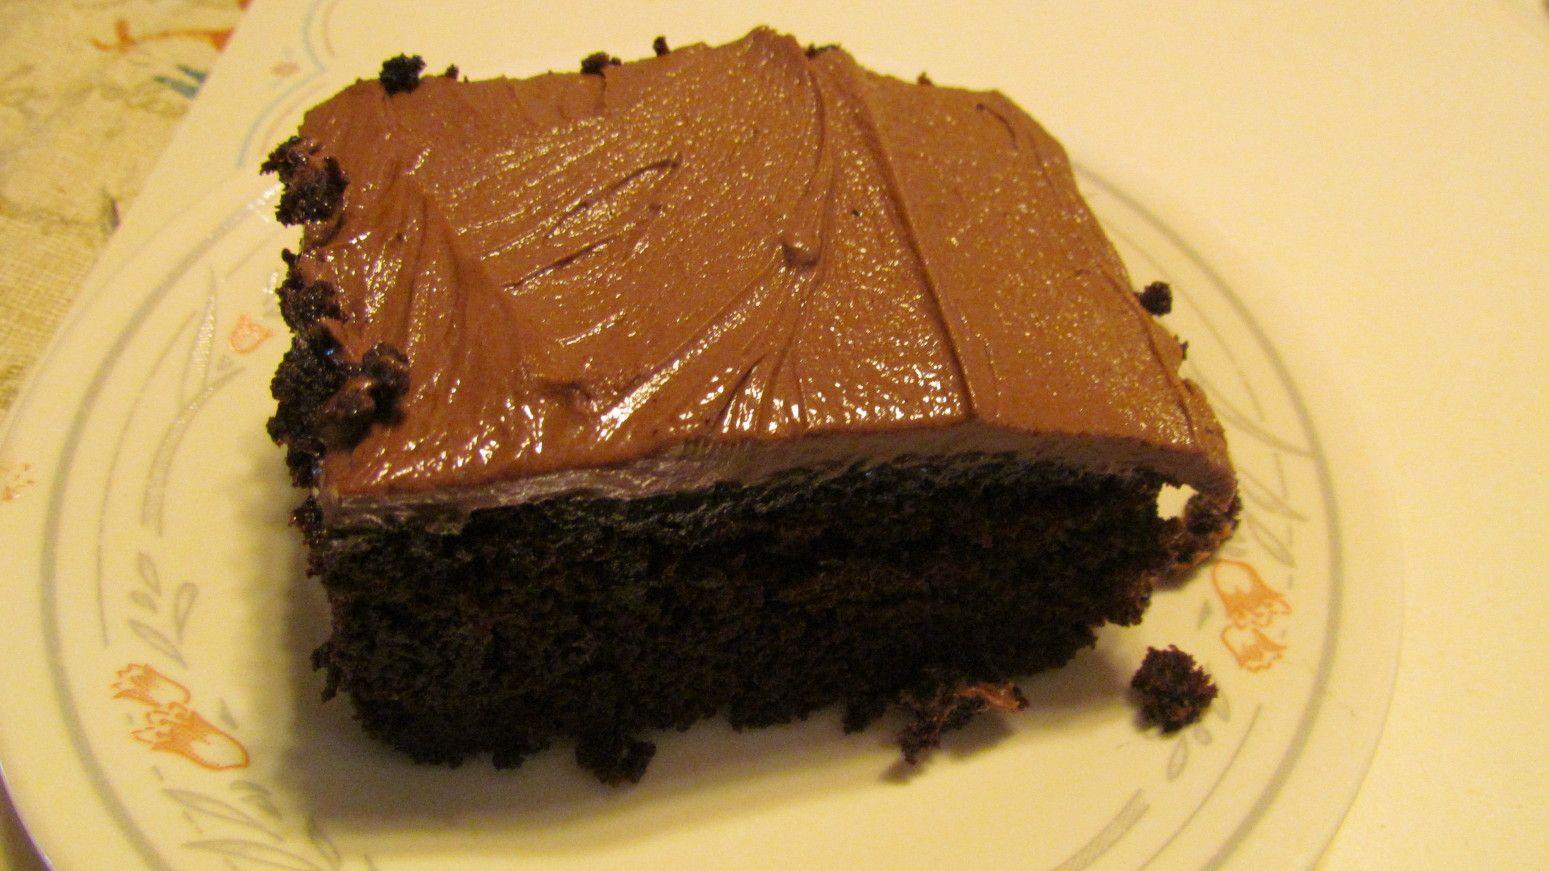 Black Magic Cake (Best Chocolate Cake Ever!): Photo - 37 | Just A Pinch Recipe Club